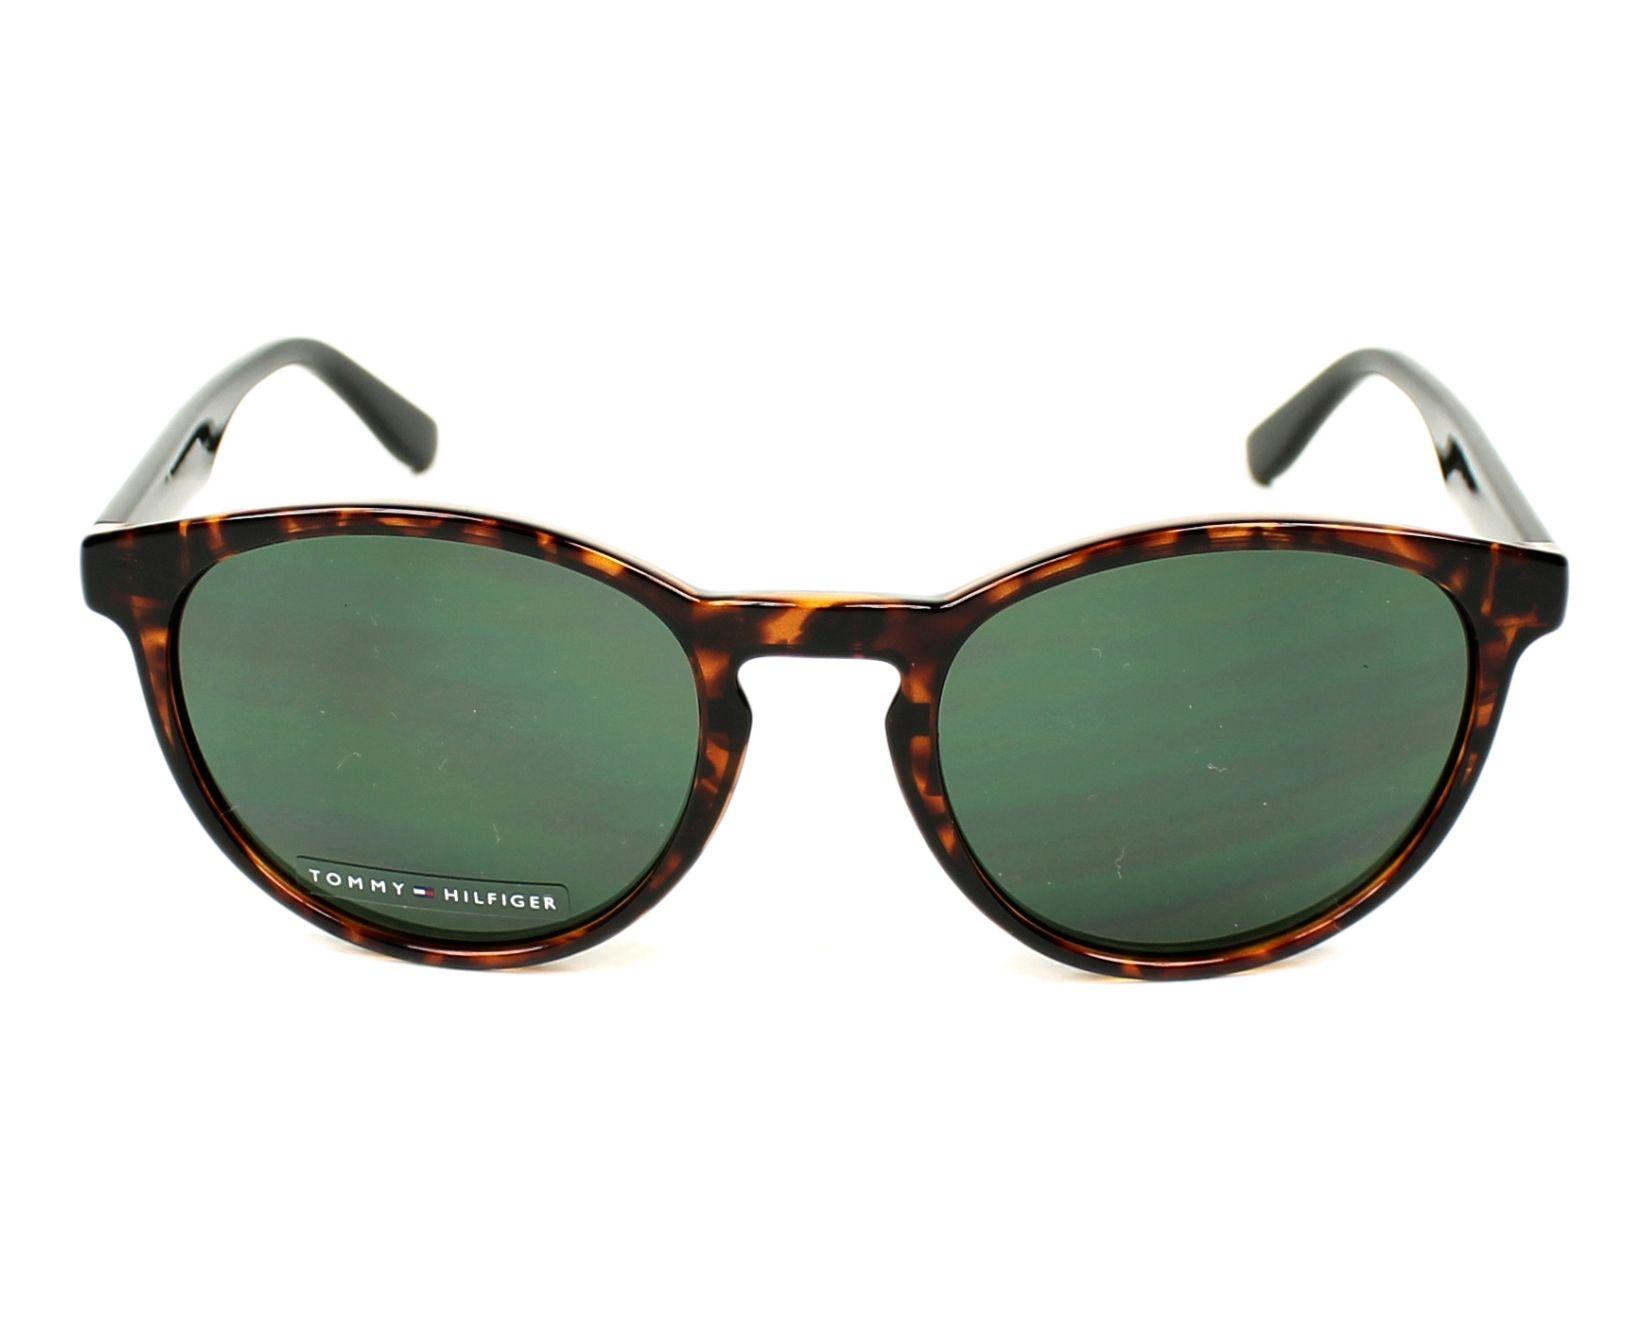 b076b43671 Sunglasses Tommy Hilfiger TH-1485-S 9N4 QT - Havana Black front view